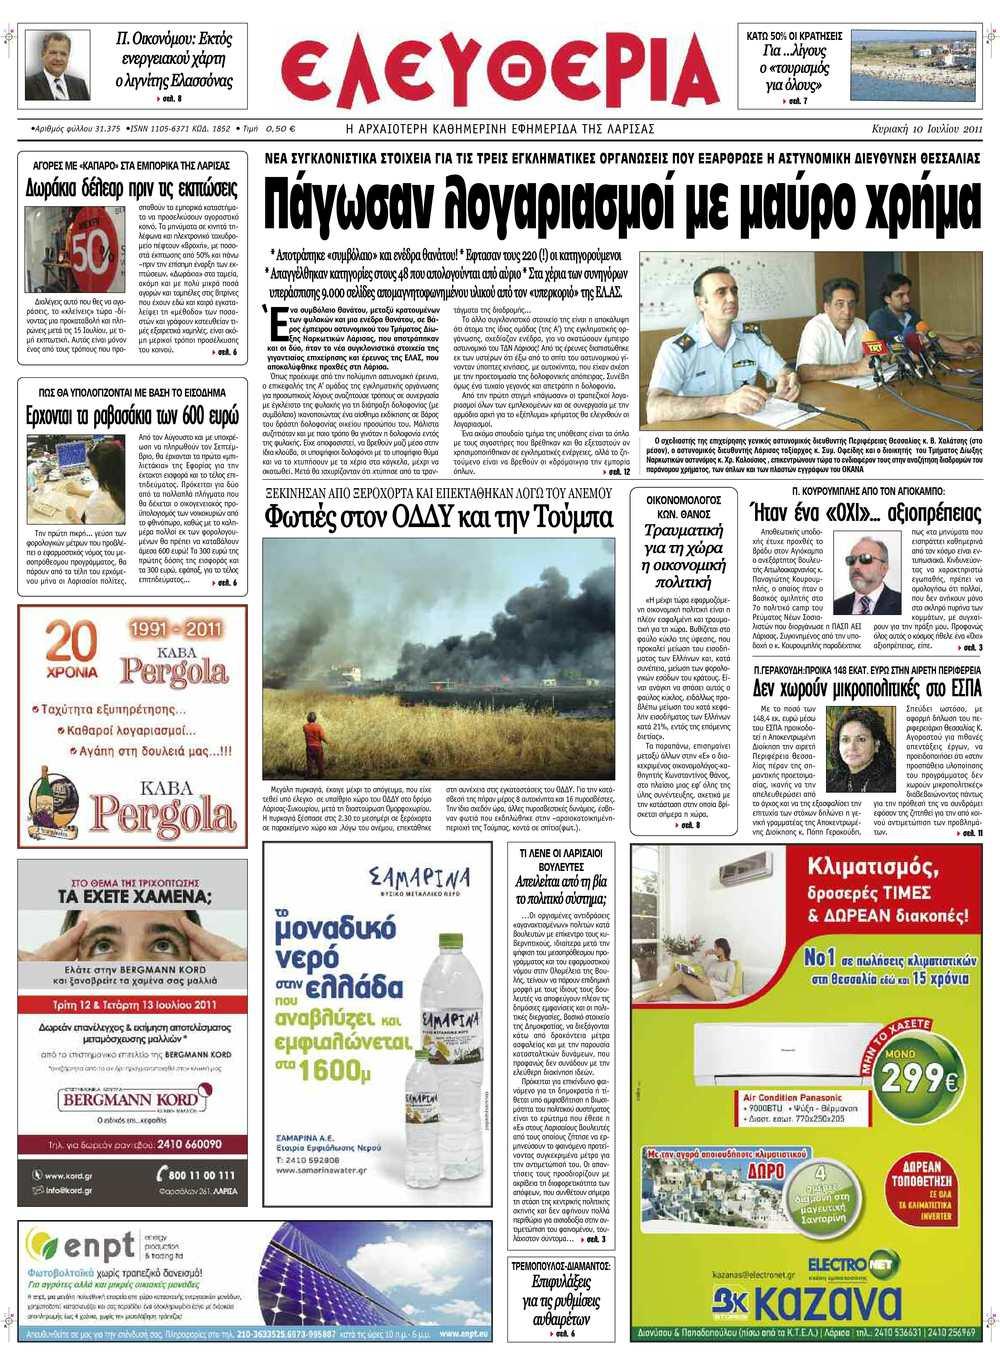 46638e683df Calaméo - Eleftheria.gr_10/7/2011